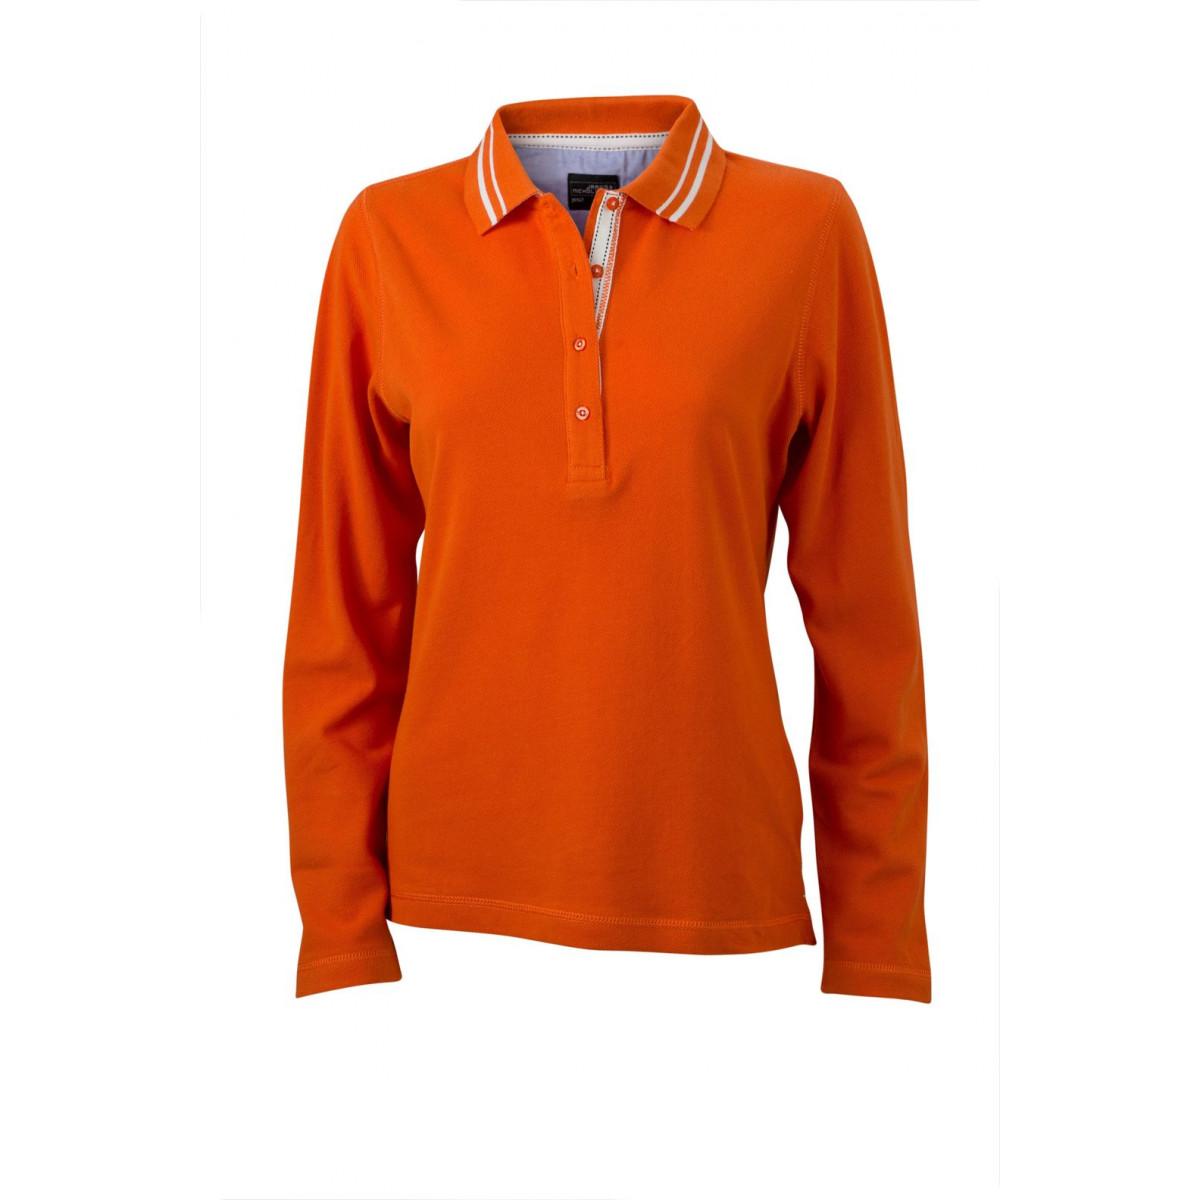 Рубашка поло женская JN967 Ladies Polo Long-Sleeved - Темно-оранжевый/Белый